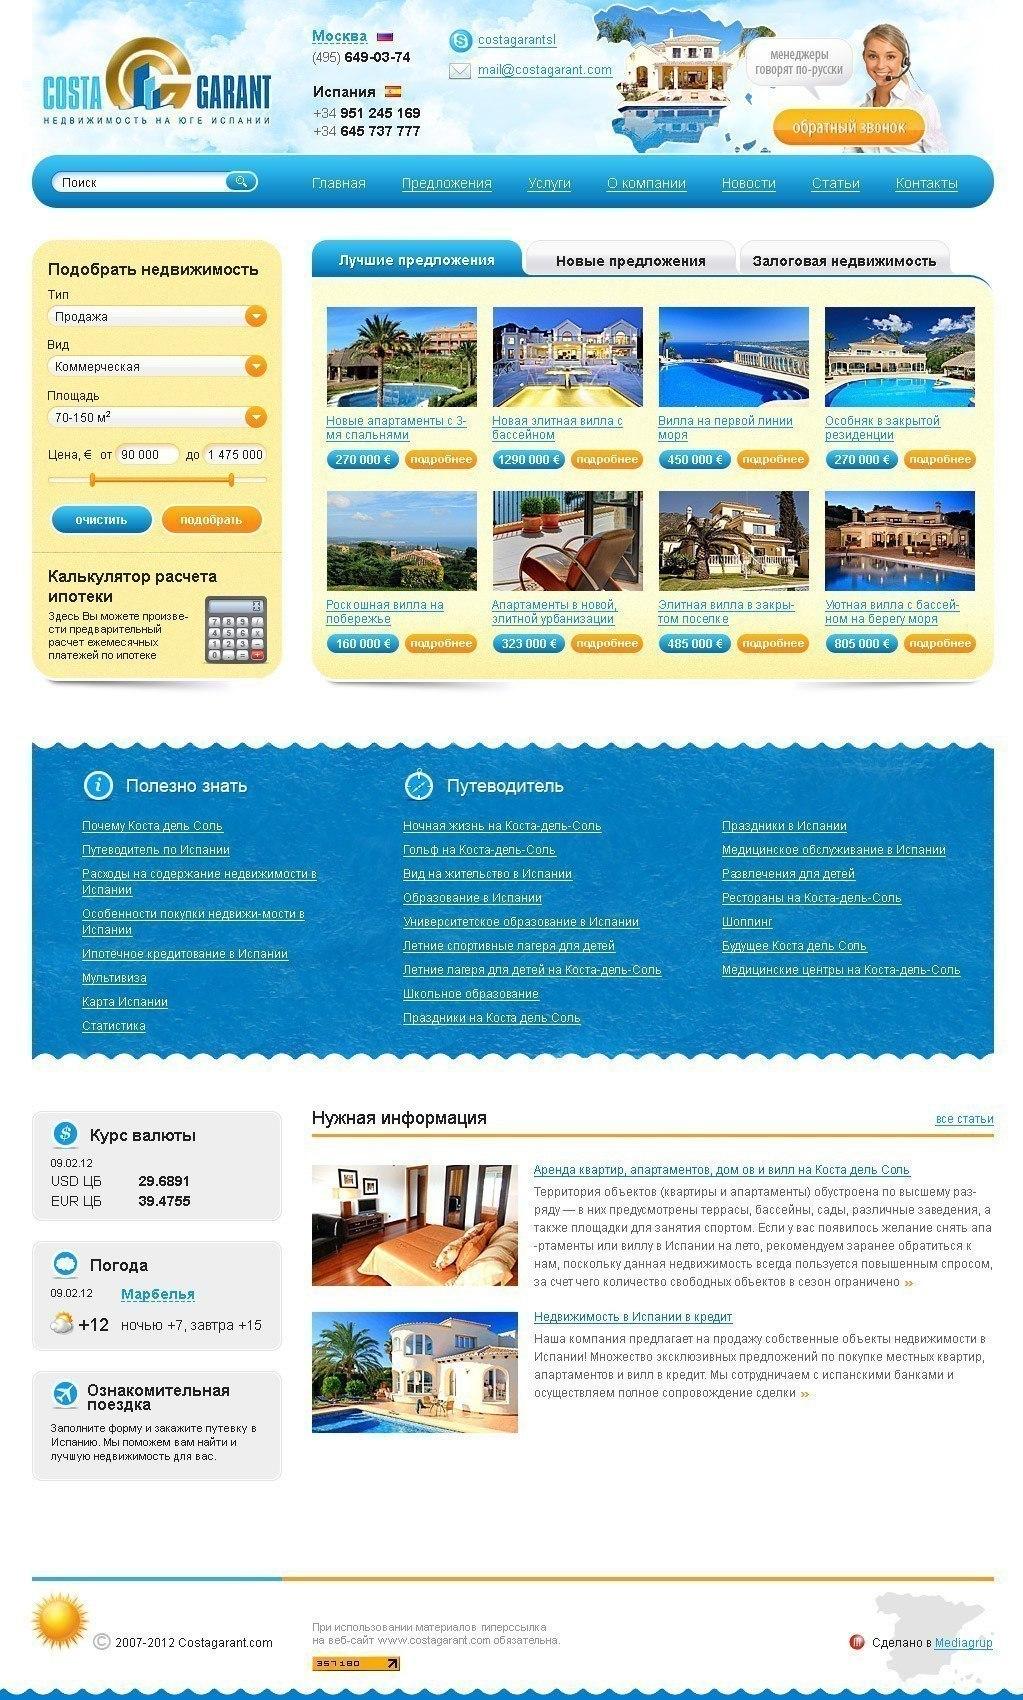 Сайты банков испании недвижимость